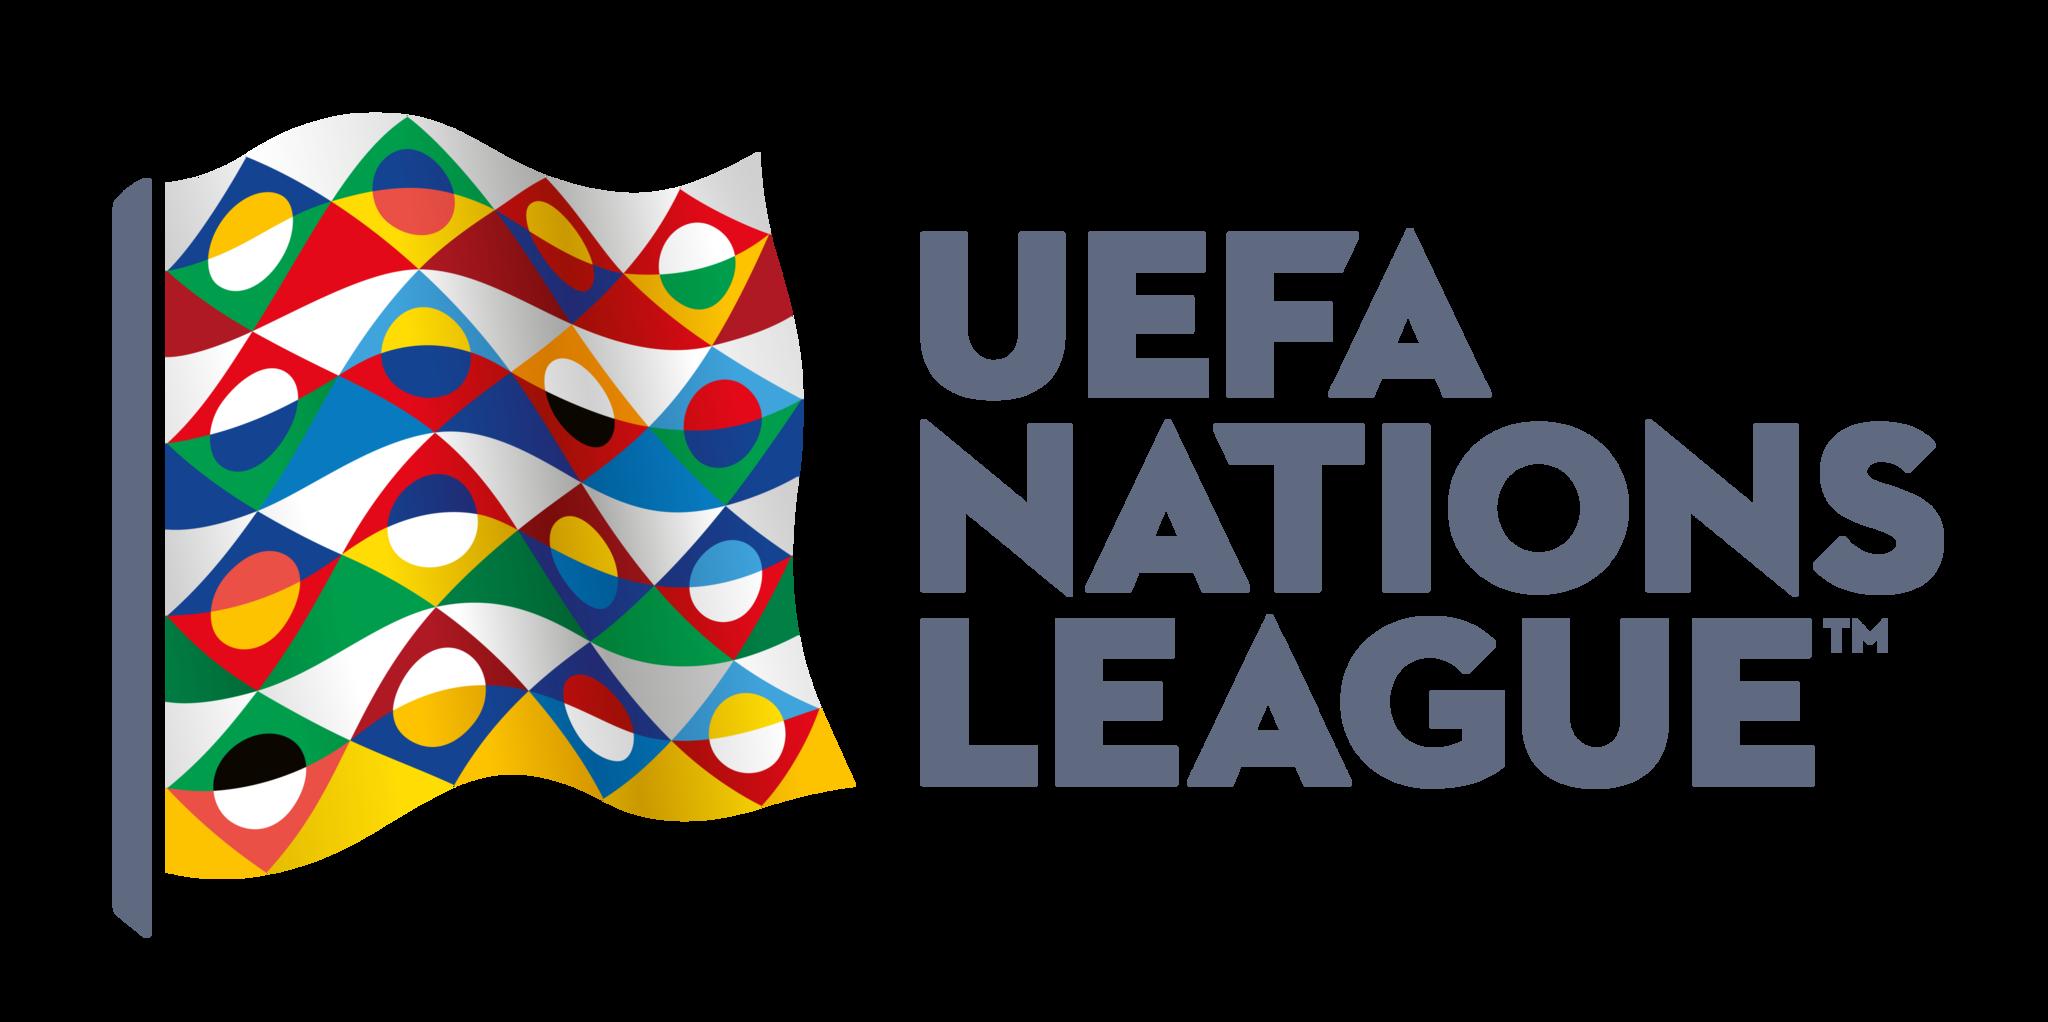 Лига наций УЕФА 2018 года